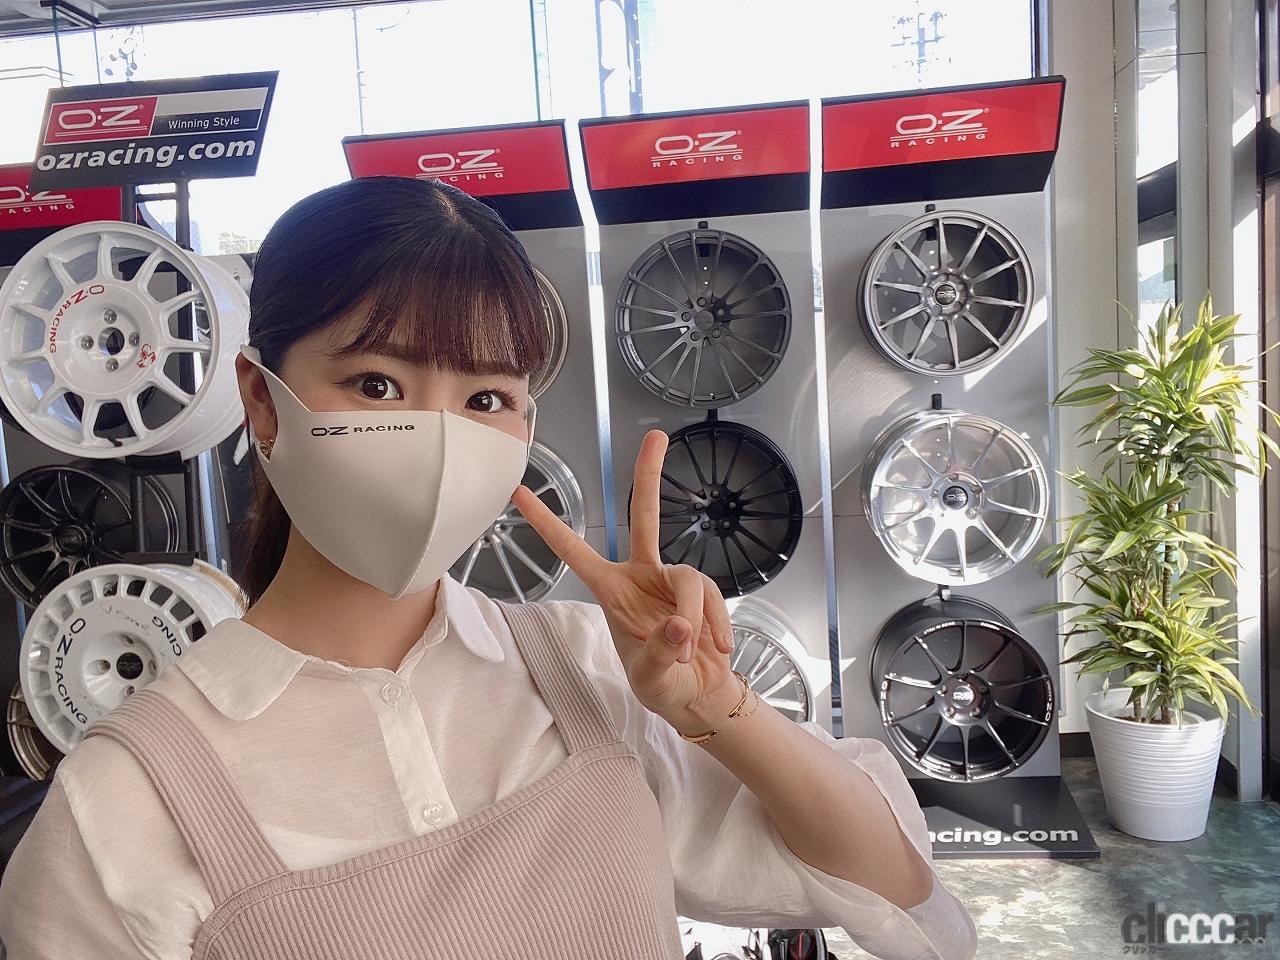 「元SKE48の梅本まどかが突撃!「OZレーシングジャパンさん、こんにちは!」☆うめまど通信vol.38」の6枚目の画像